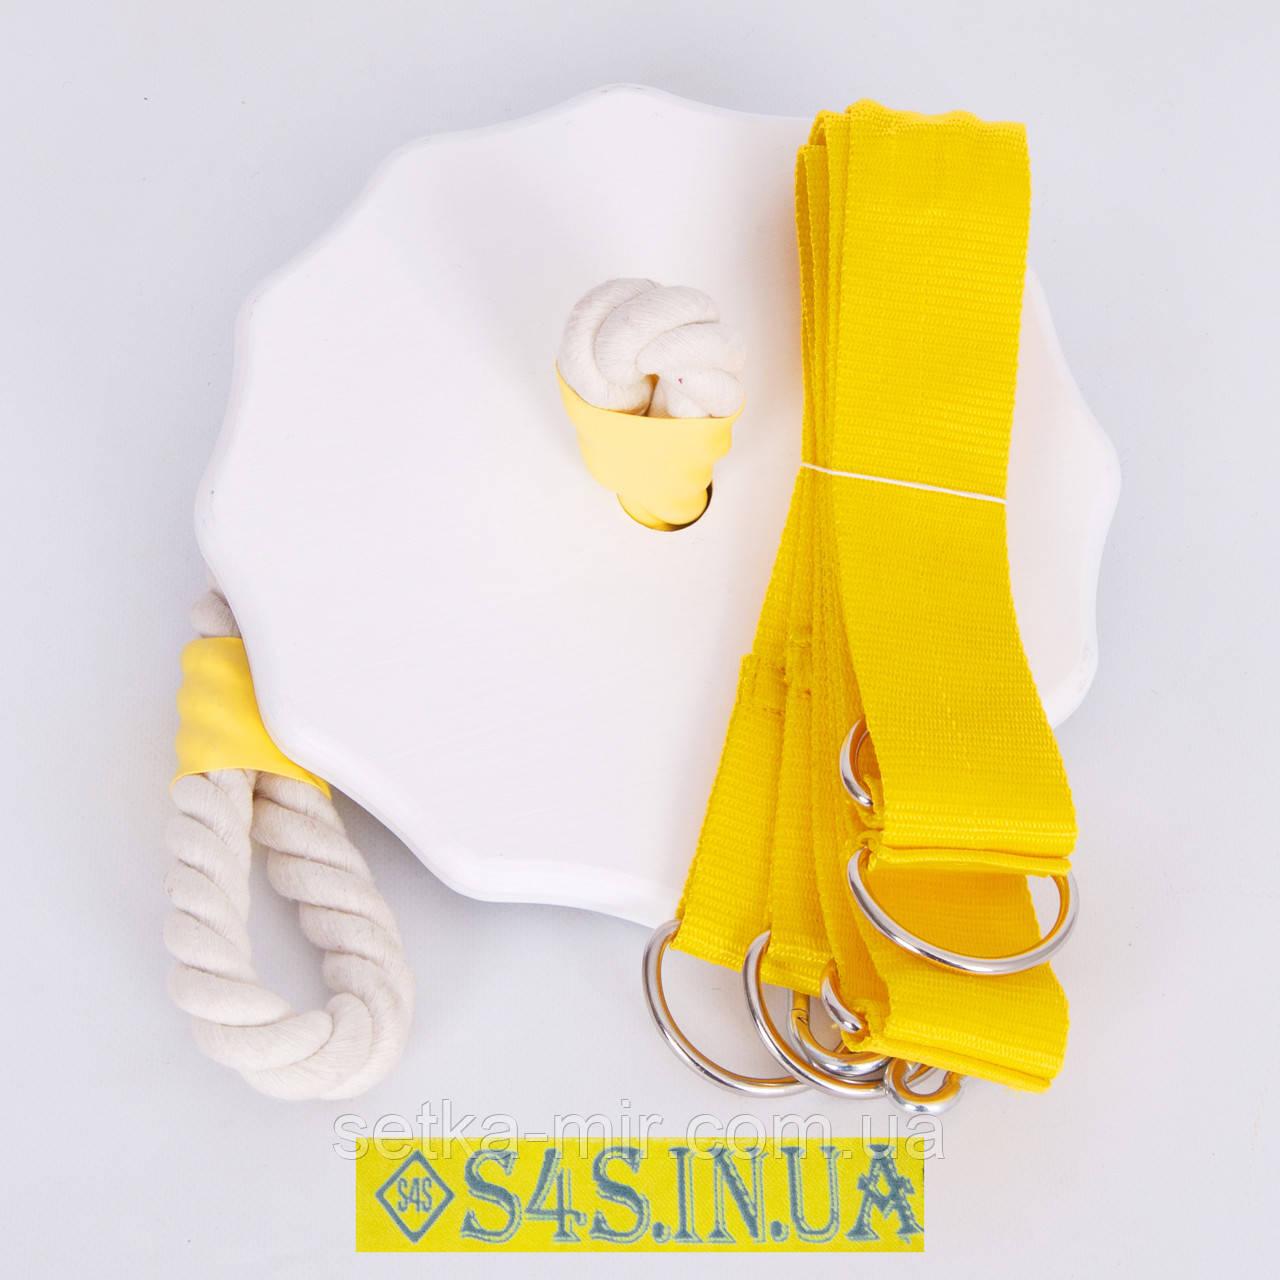 Тарзанка качеля детская спортивная из дерева подвесная «ЭЛИТ», гимнастическая, для улицы, белая